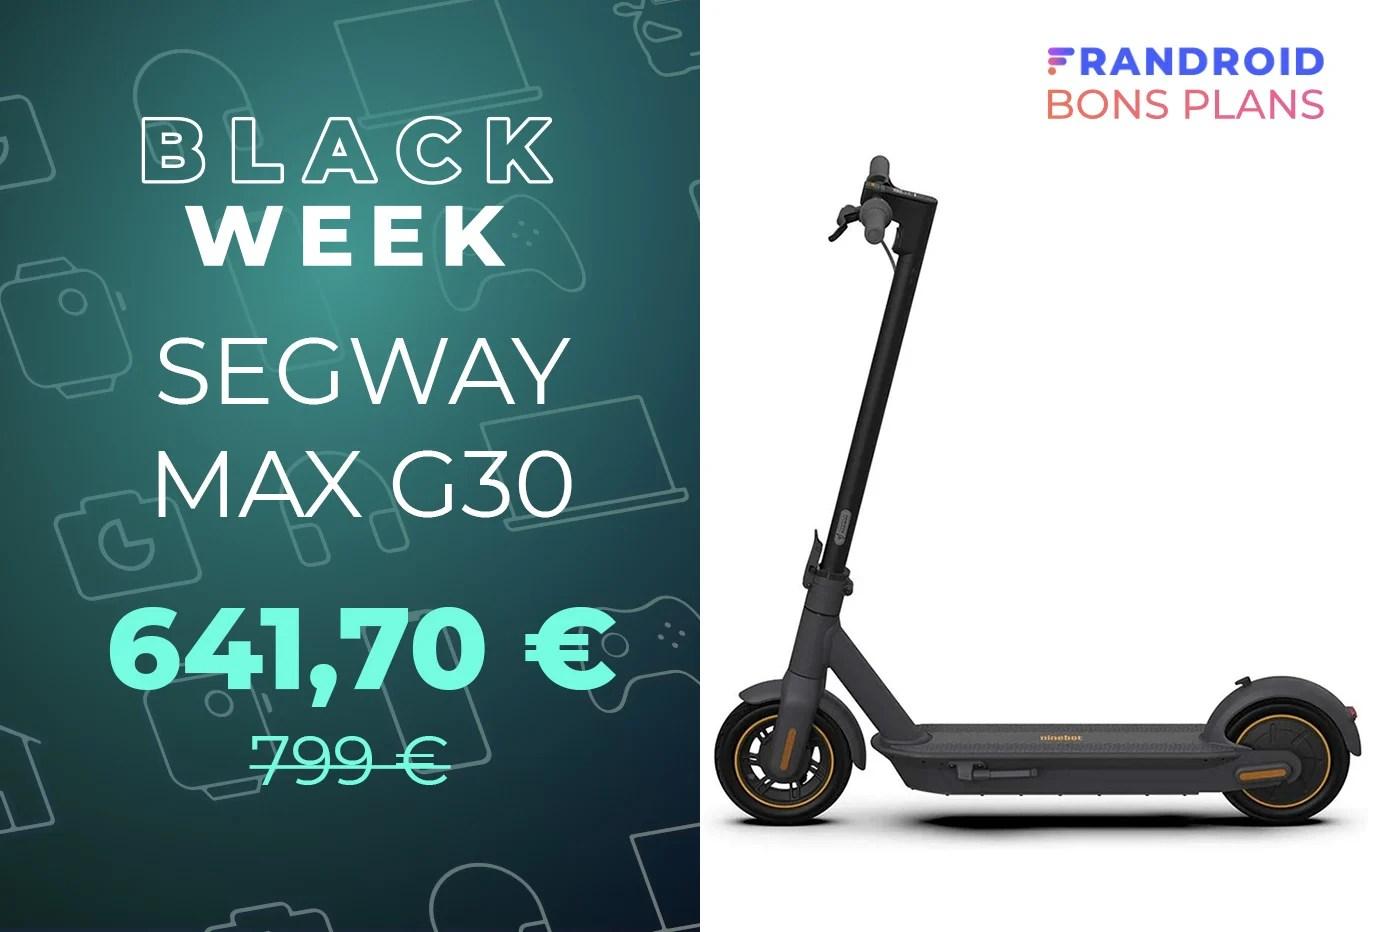 L'excellente trottinette électrique Segway Max G30 est à -20% sur Amazon